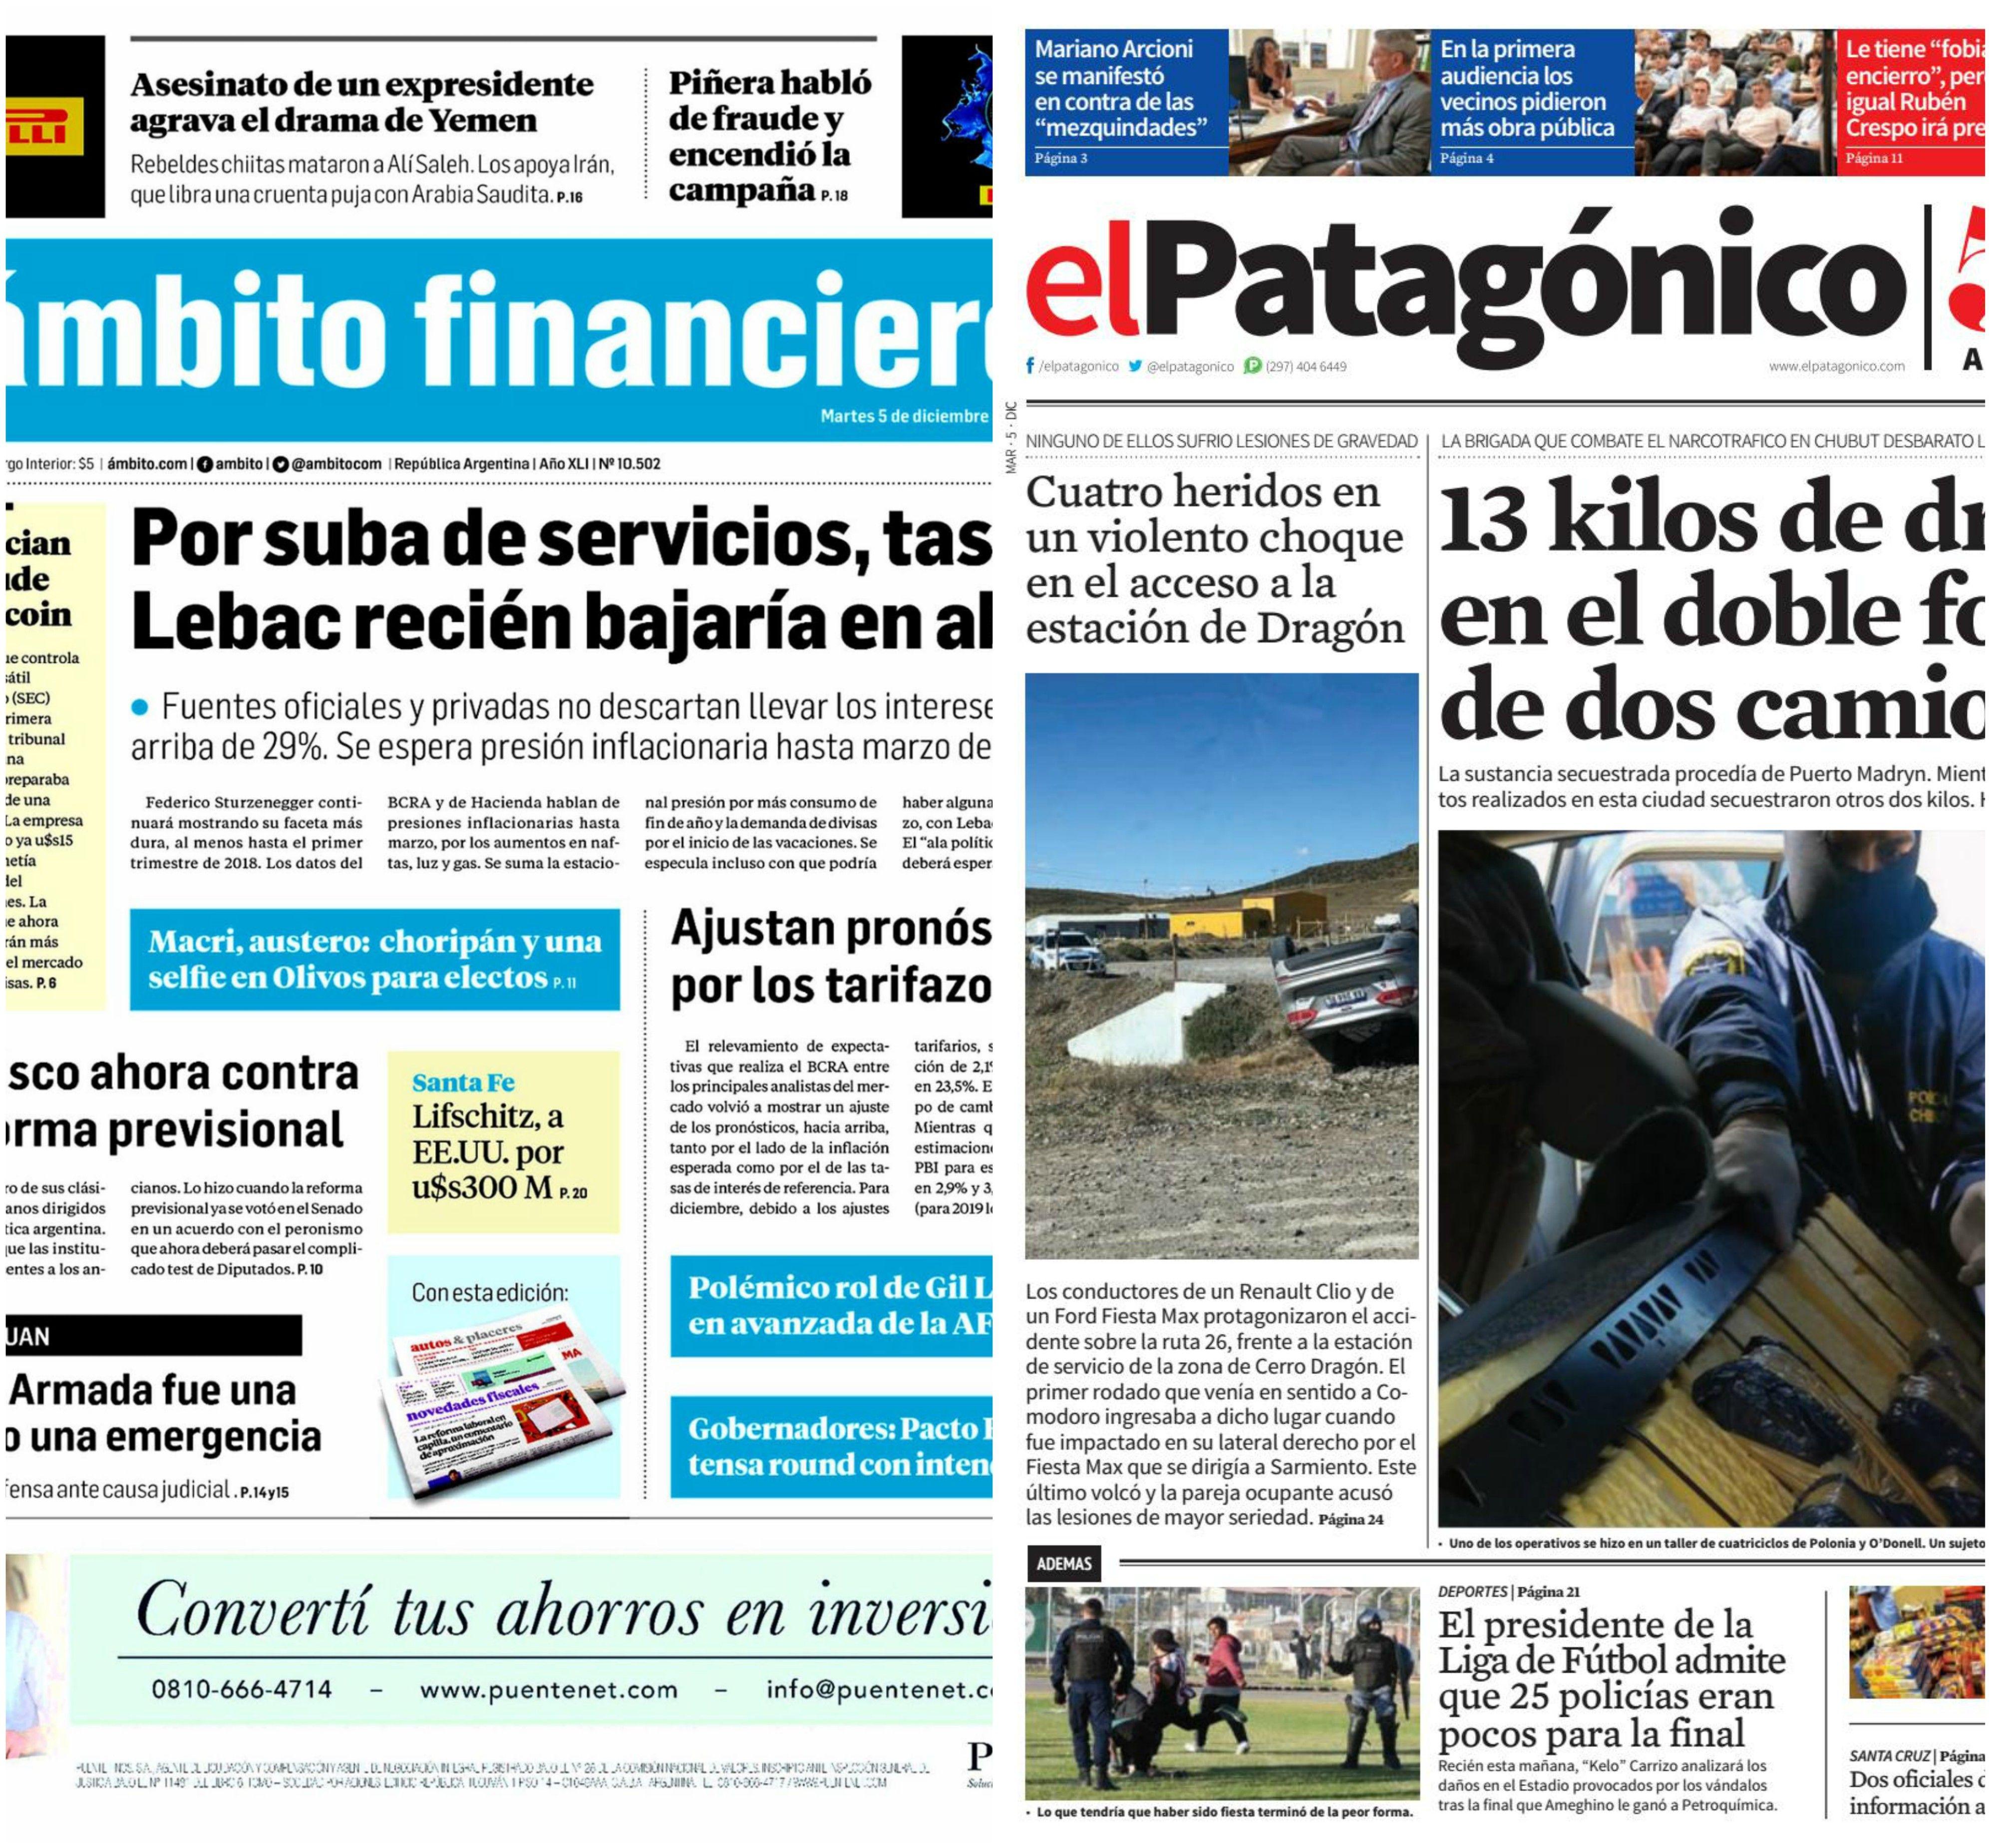 Tapas de diarios del martes 5 de diciembre de 2017